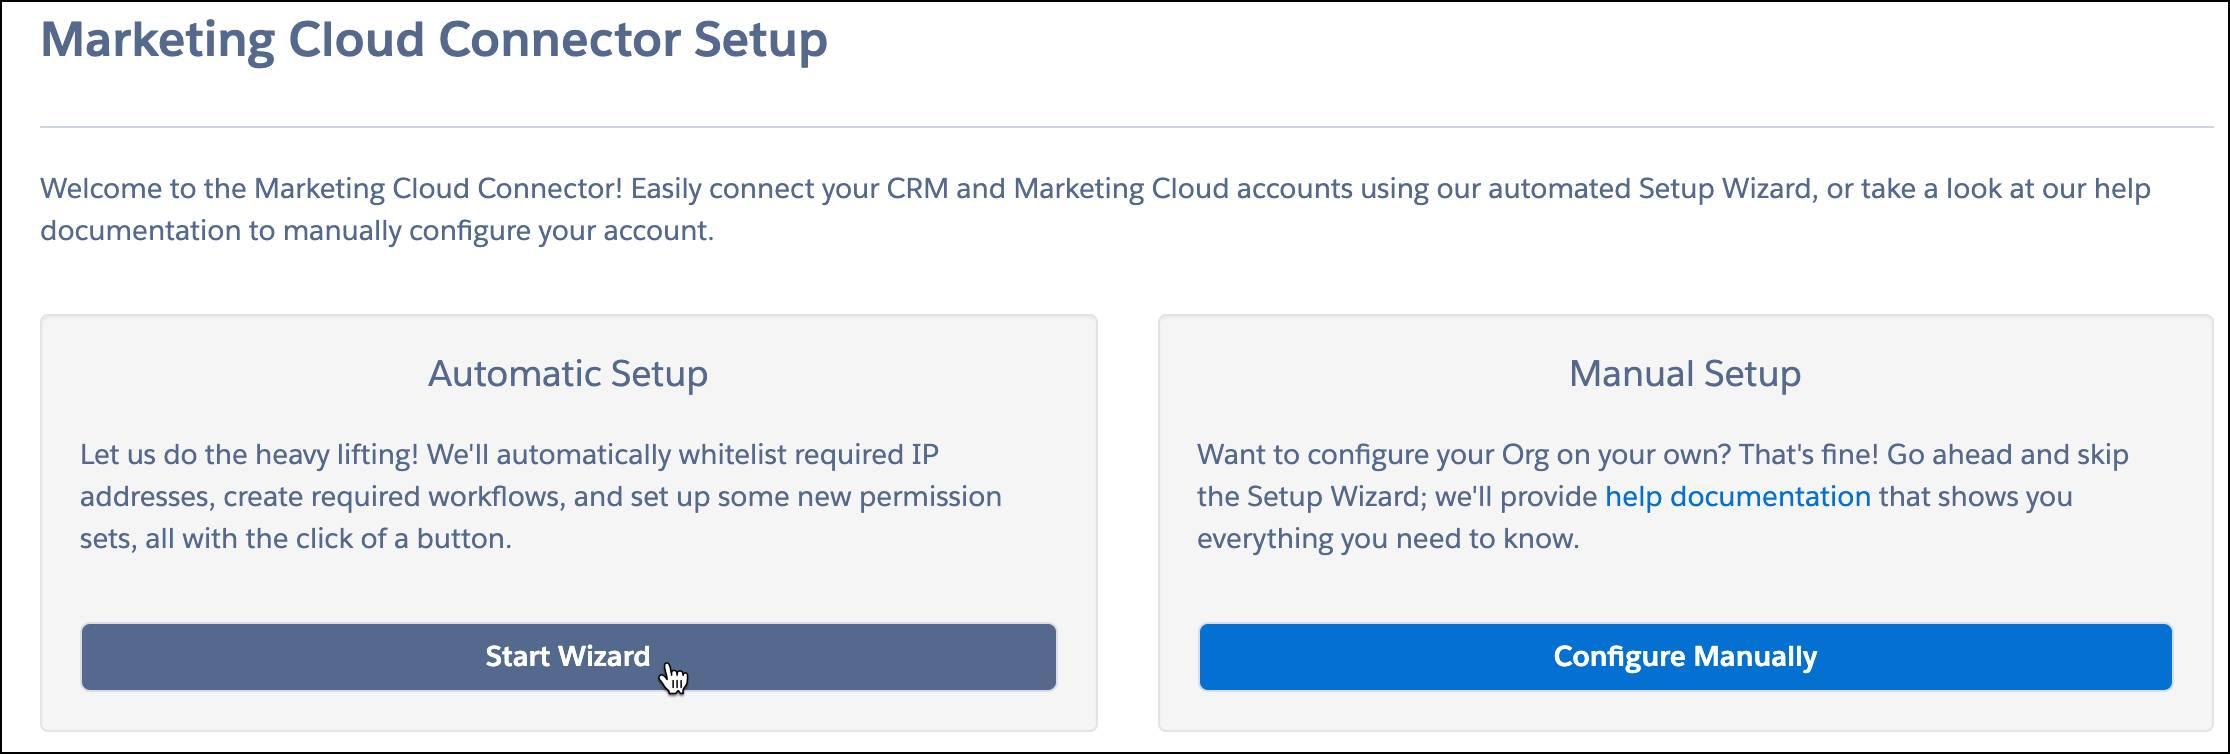 Configuration de MarketingCloudConnect avec le curseur placé sur le bouton Assistant de démarrage.